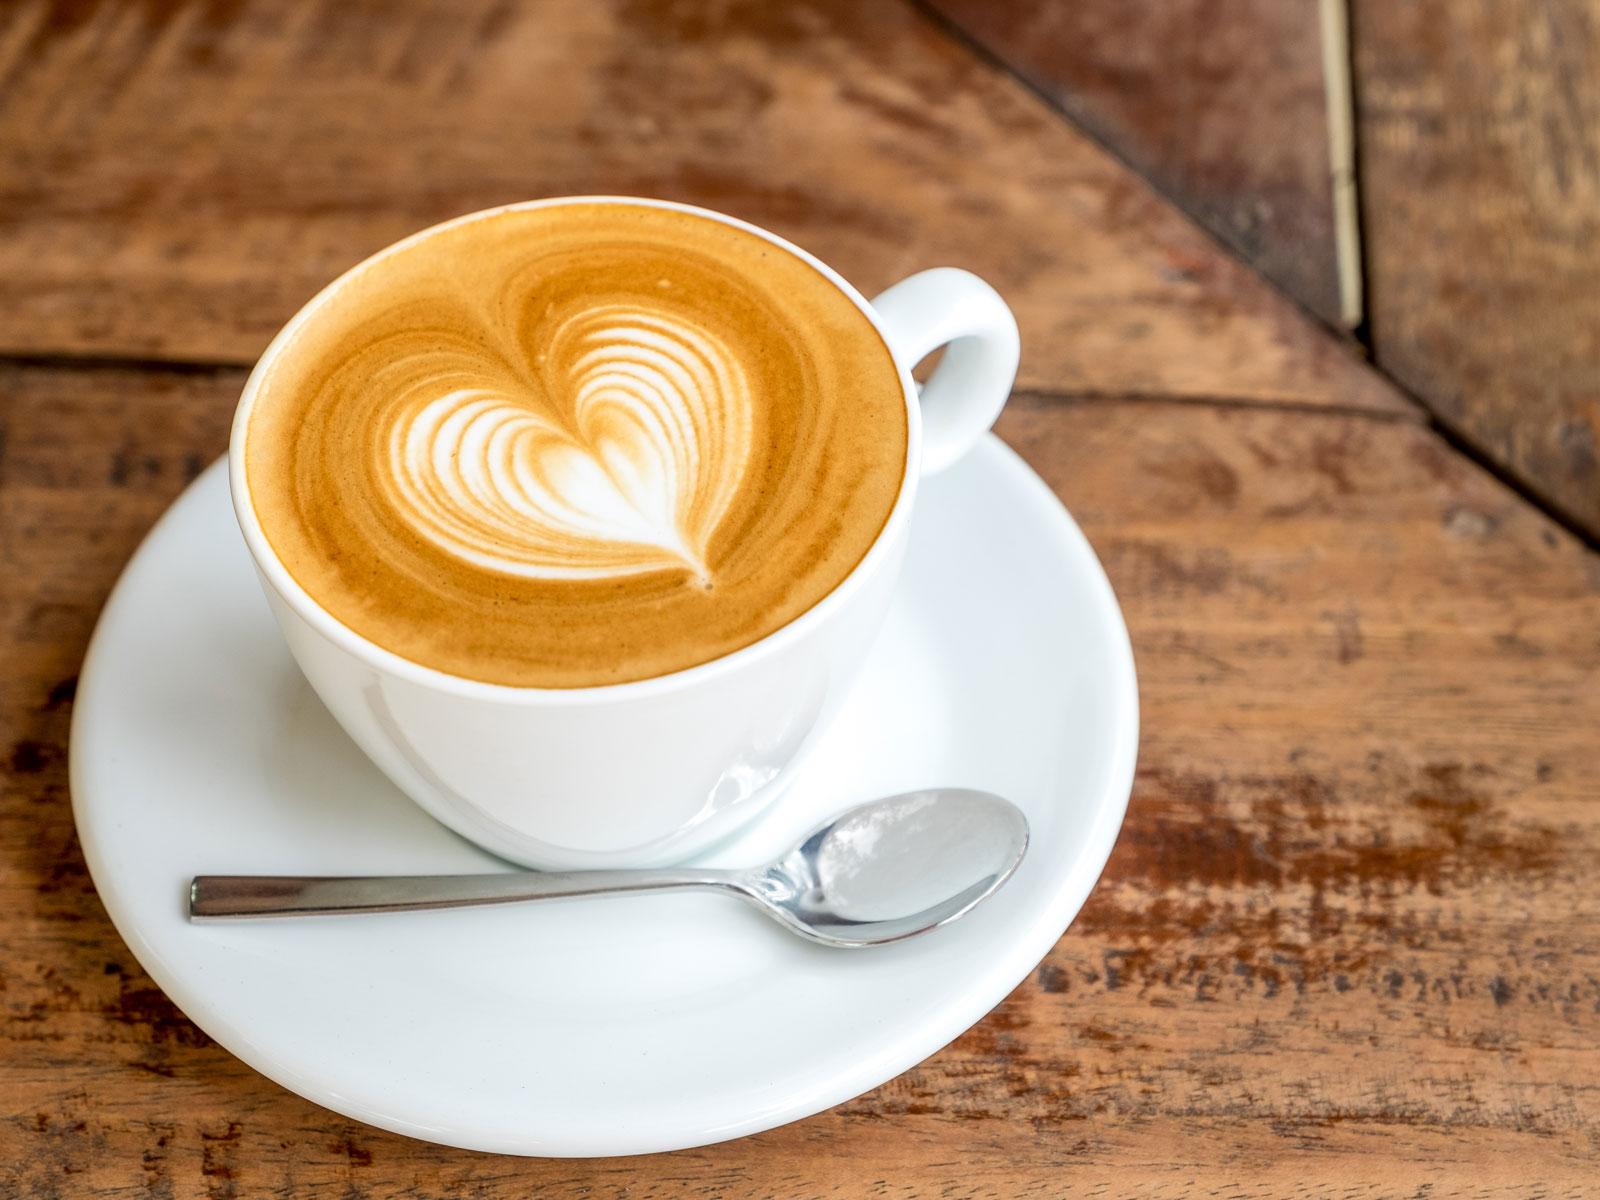 coffee in mug